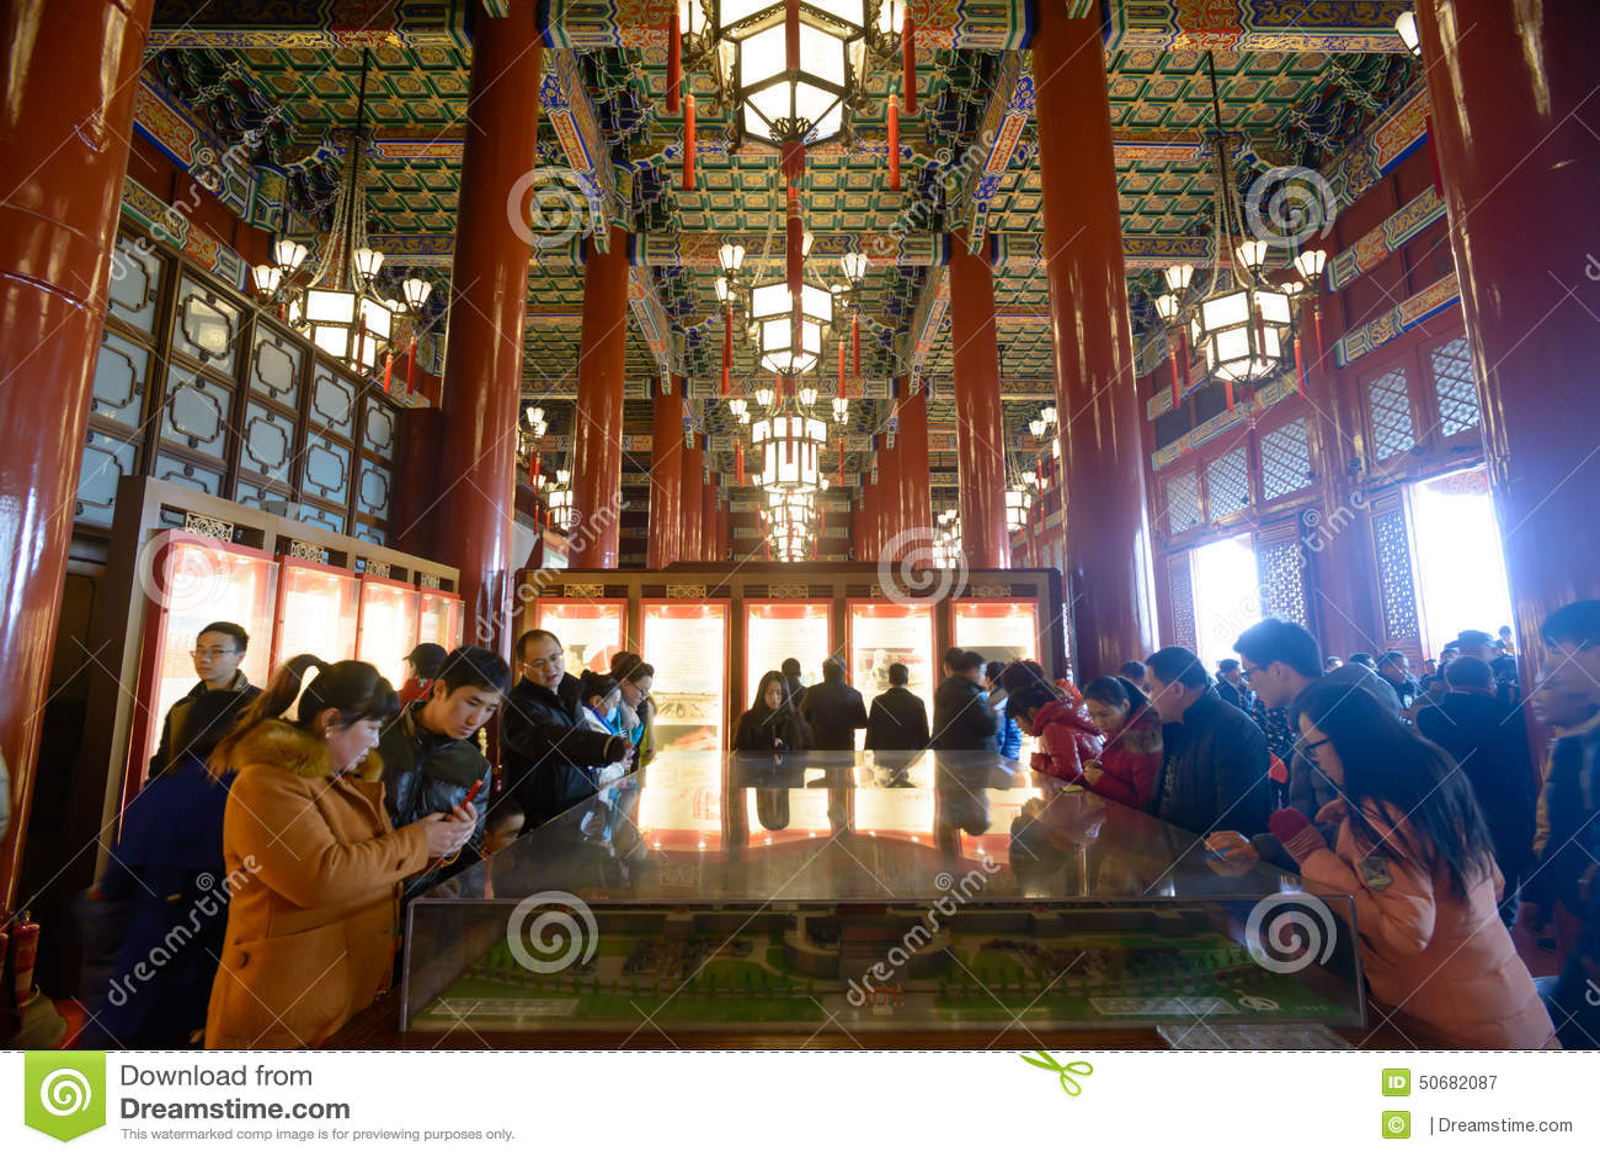 Download 游人参观Tienanmen霍尔 图库摄影片. 图片 包括有 枝形吊灯, 大厅, 宫殿, 聚会所, 节假日 - 50682087